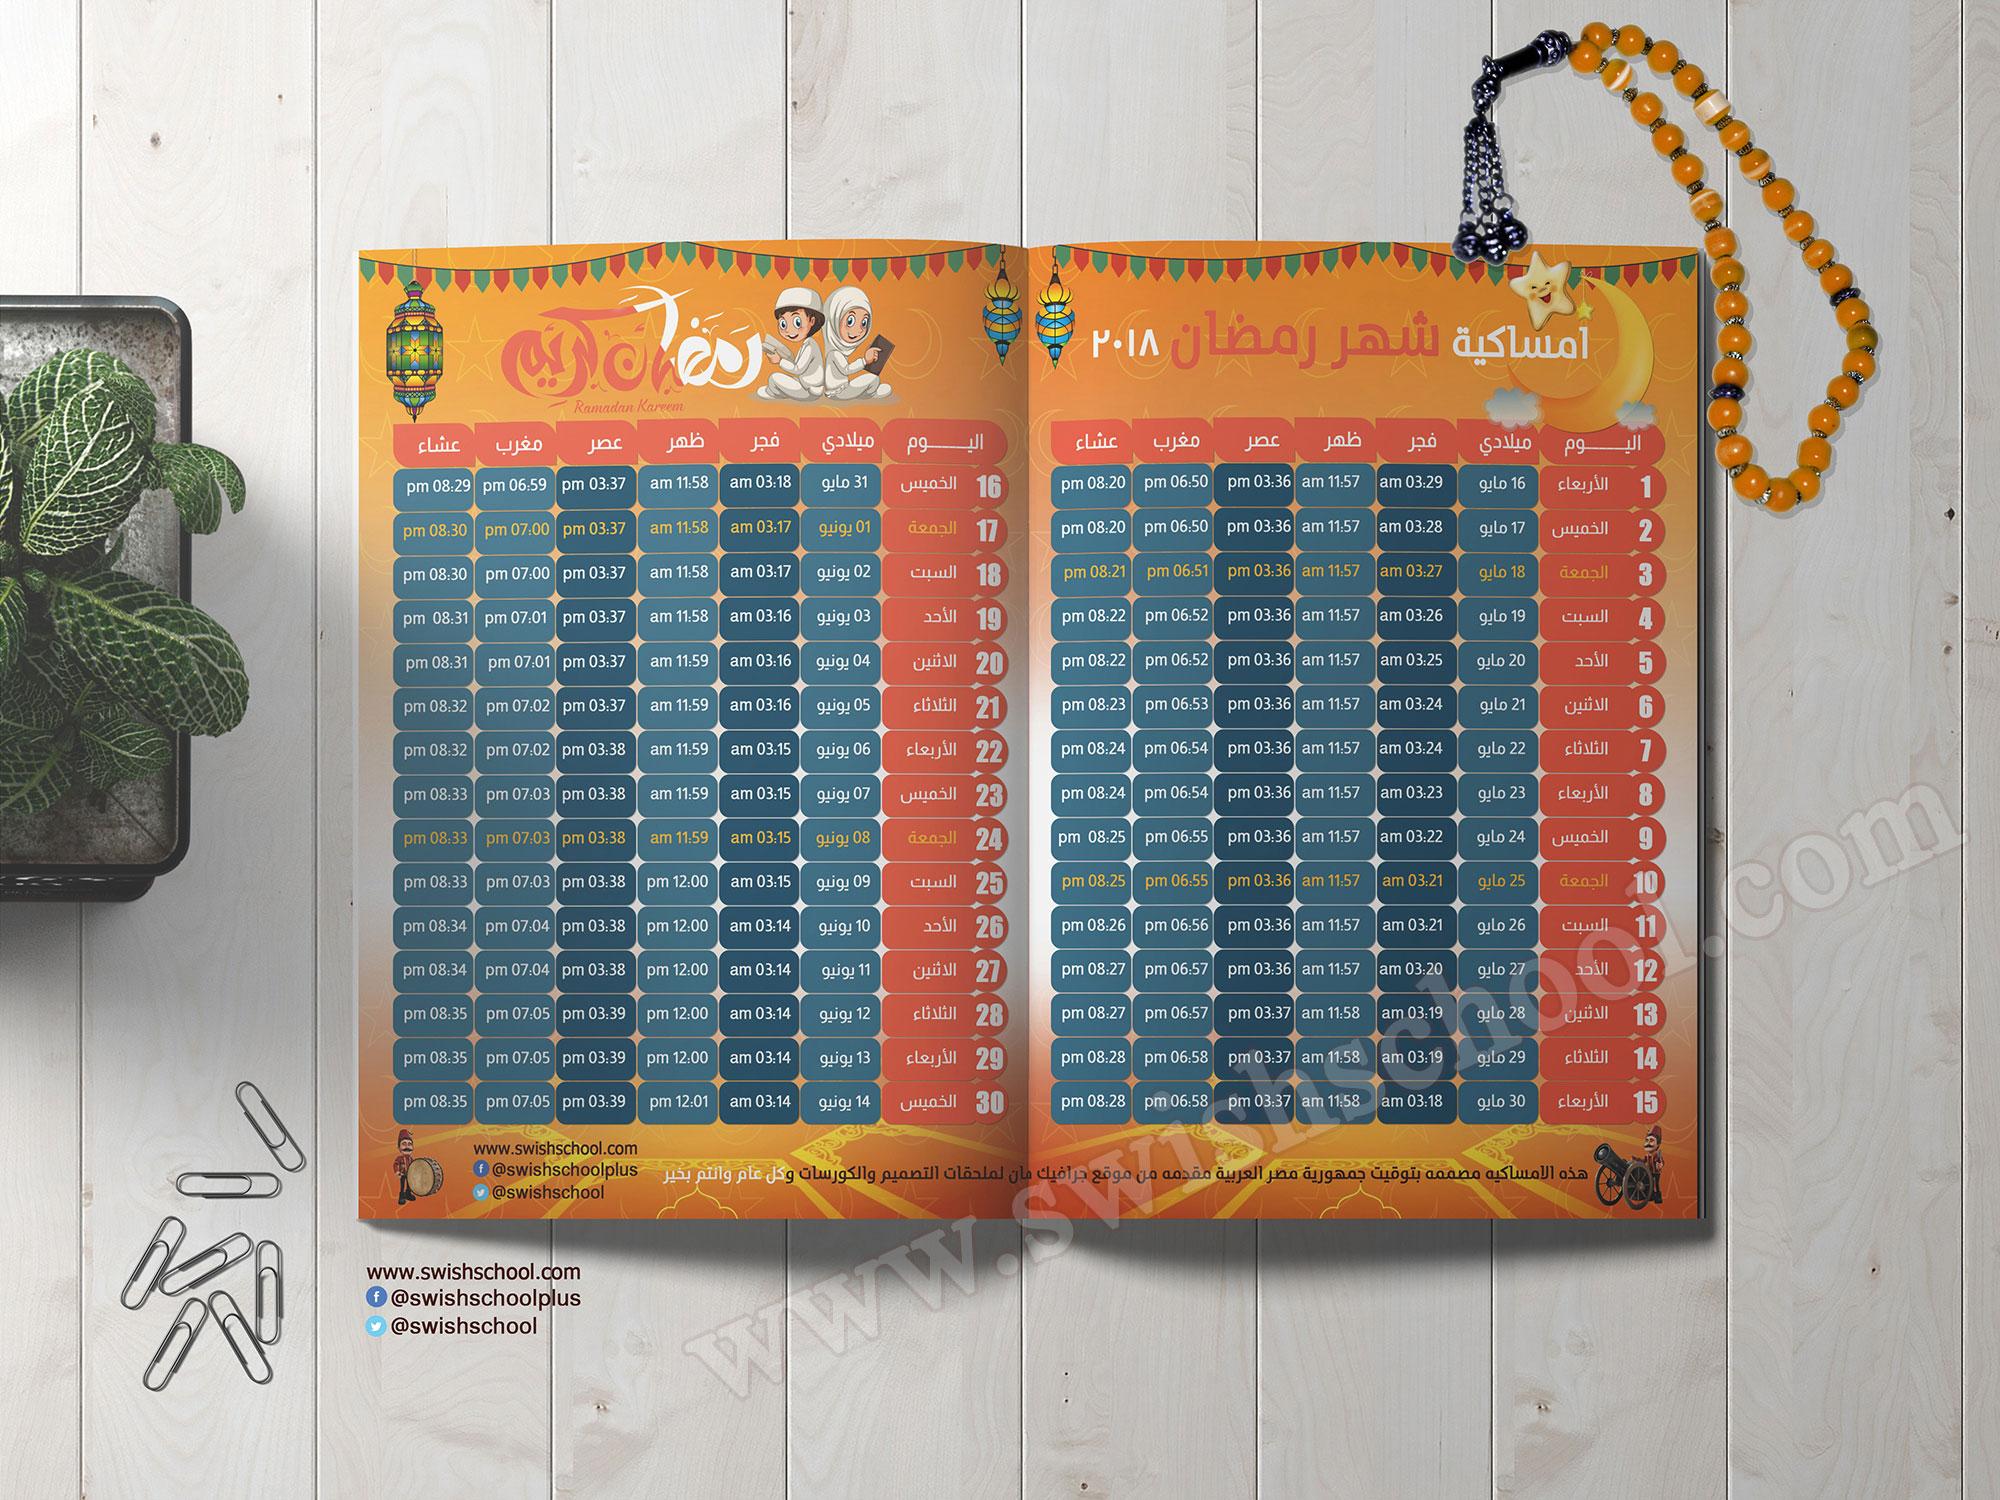 امساكيه شهر رمضان 2018 جديد امساكية شهر رمضان 2017 /1438 جمهوريه مصر العربيه